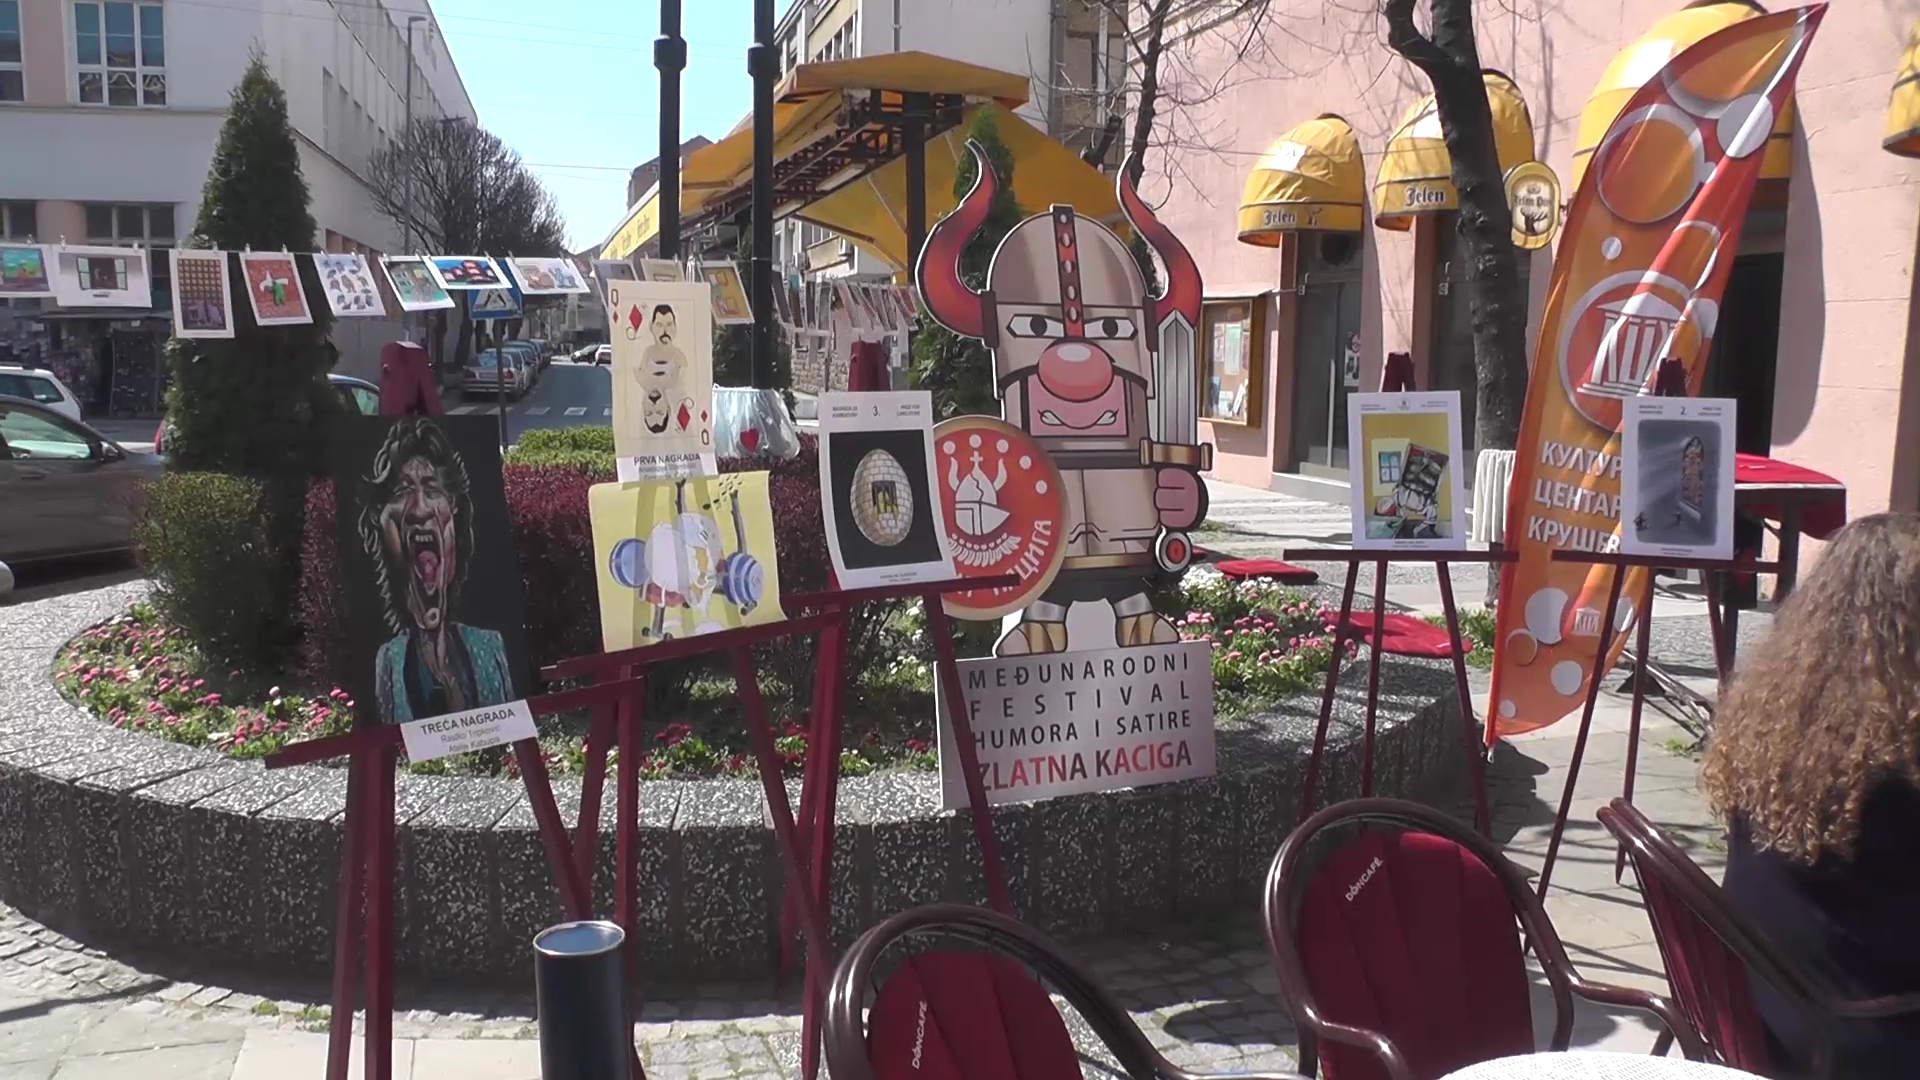 Povodom 29. festivala Humora i satire Zlatna kaciga – ispred Kulturnog centra Kruševac održana izložba radova